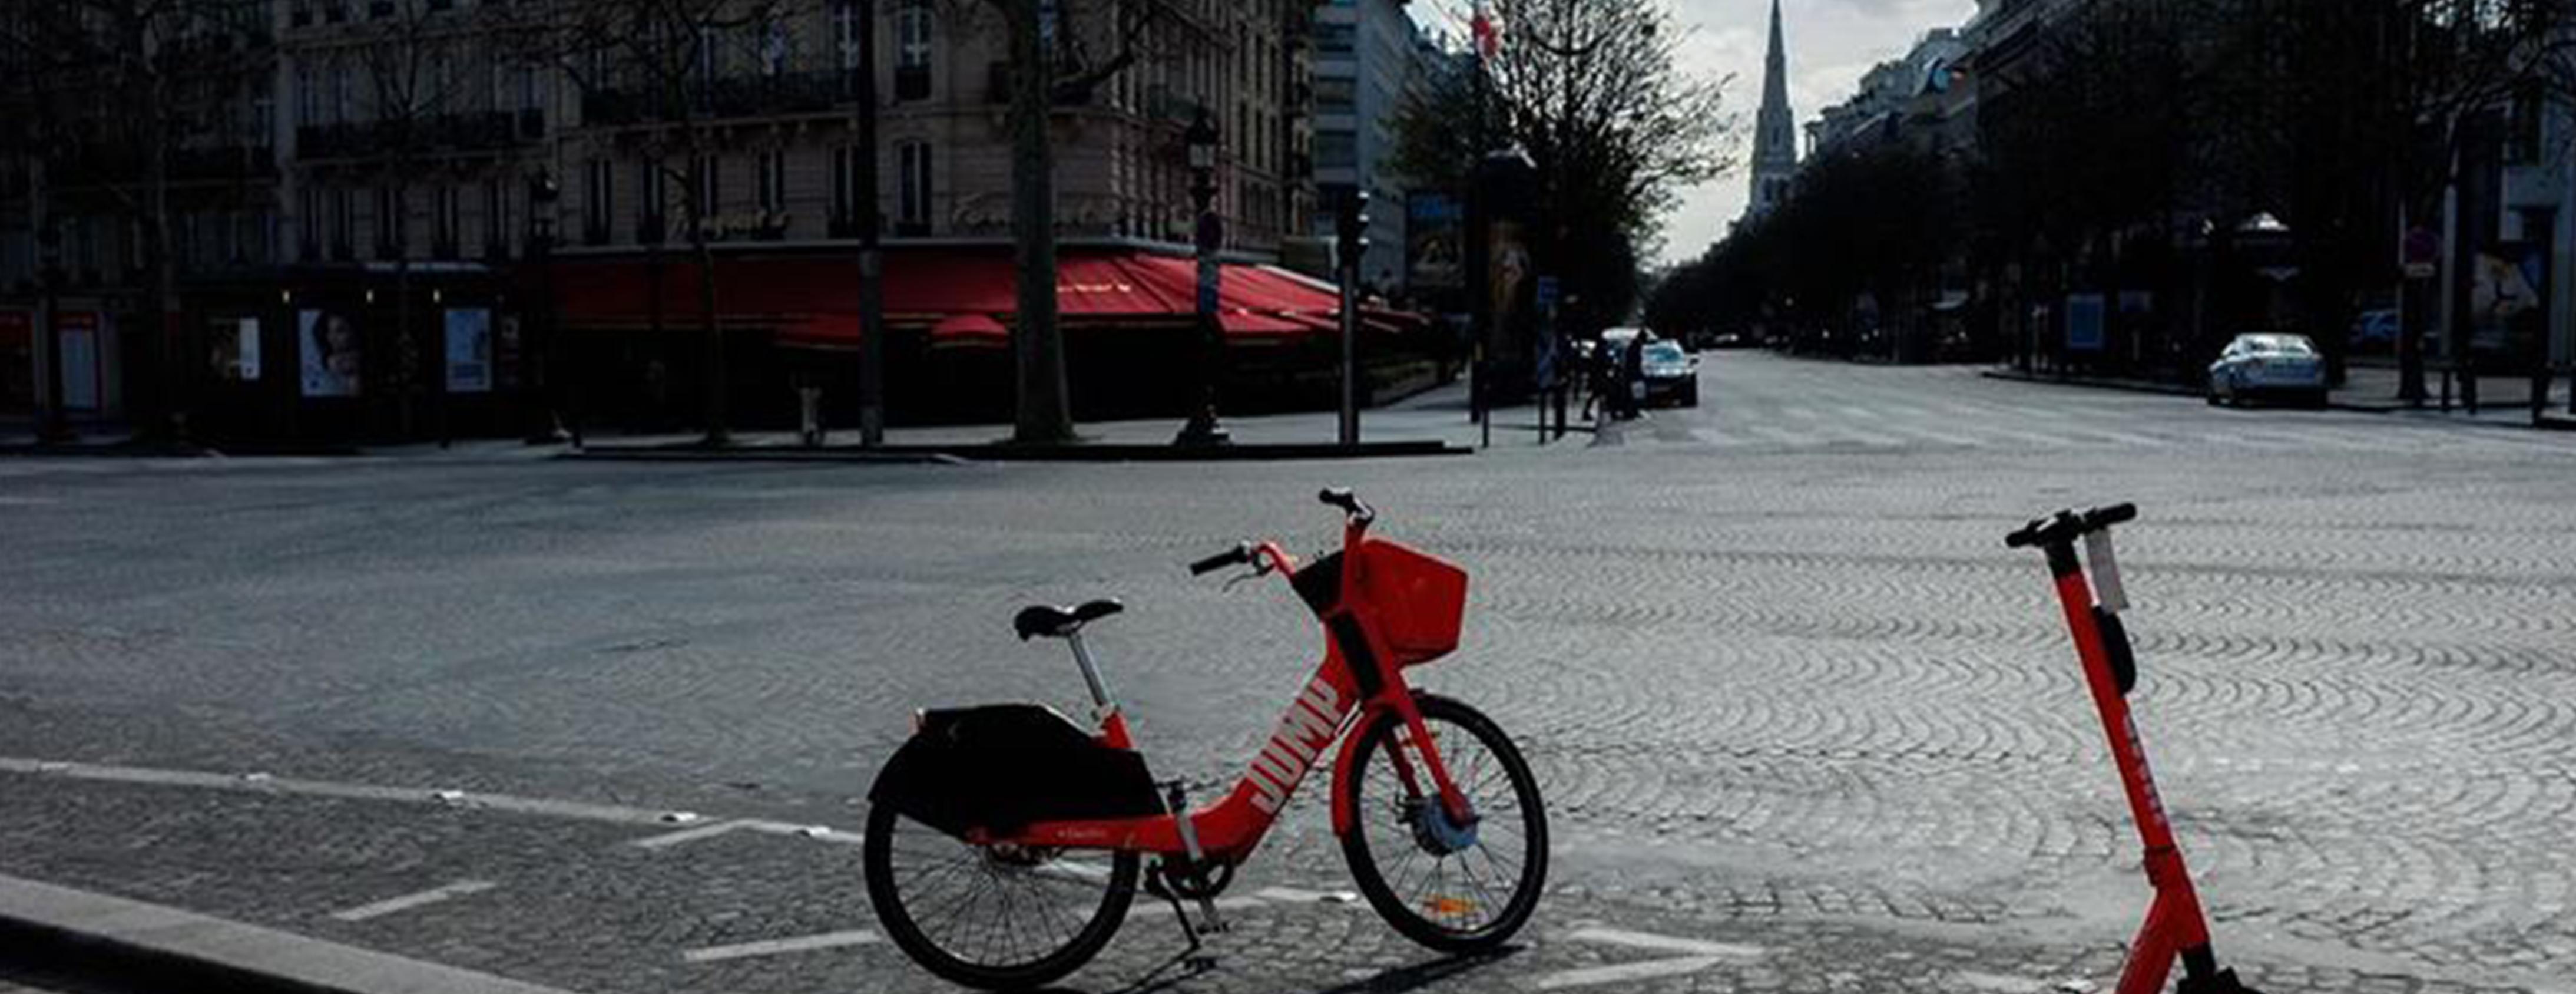 Fransa'da serbest dolaşımı sınırlandıran uygulama yürürlüğe girdi